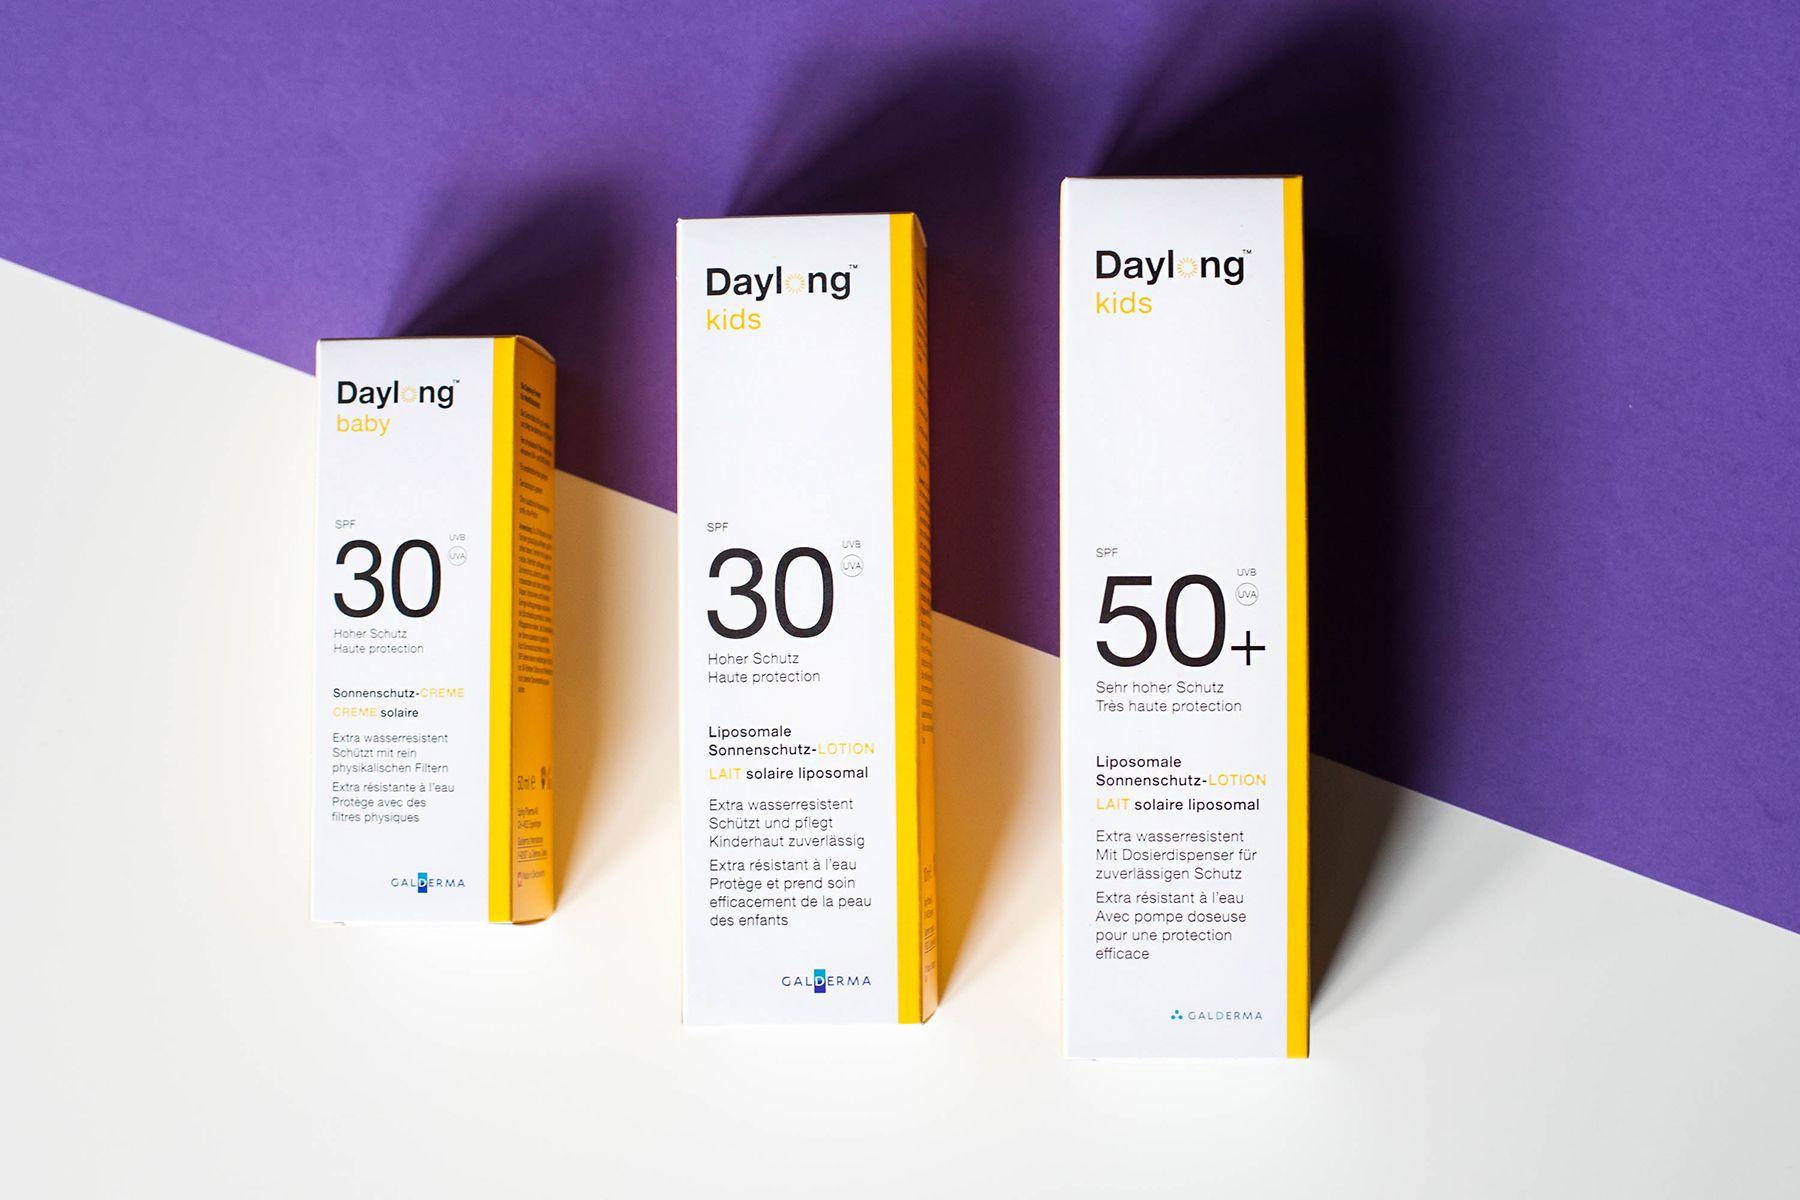 Daylong – sigurna zaštita vaše kože od sunca